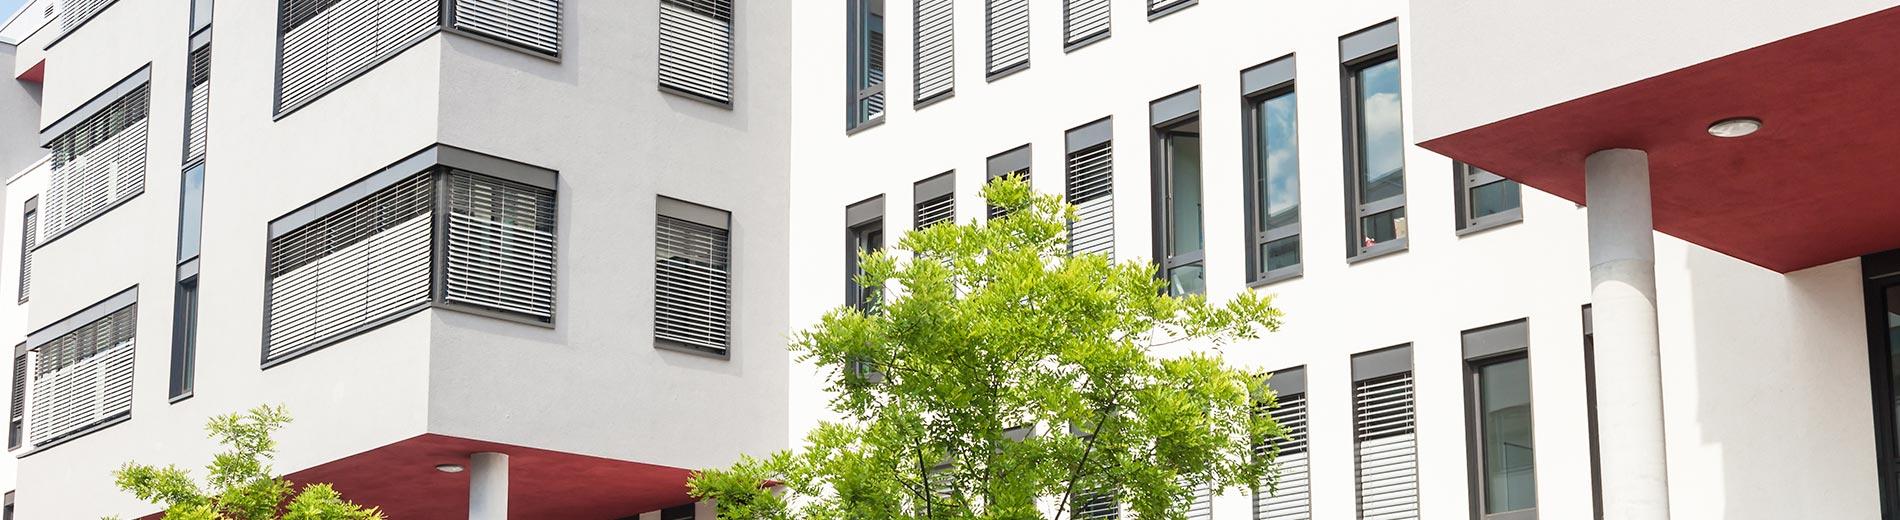 Becker Immobilien Heinsberg Wohn Design